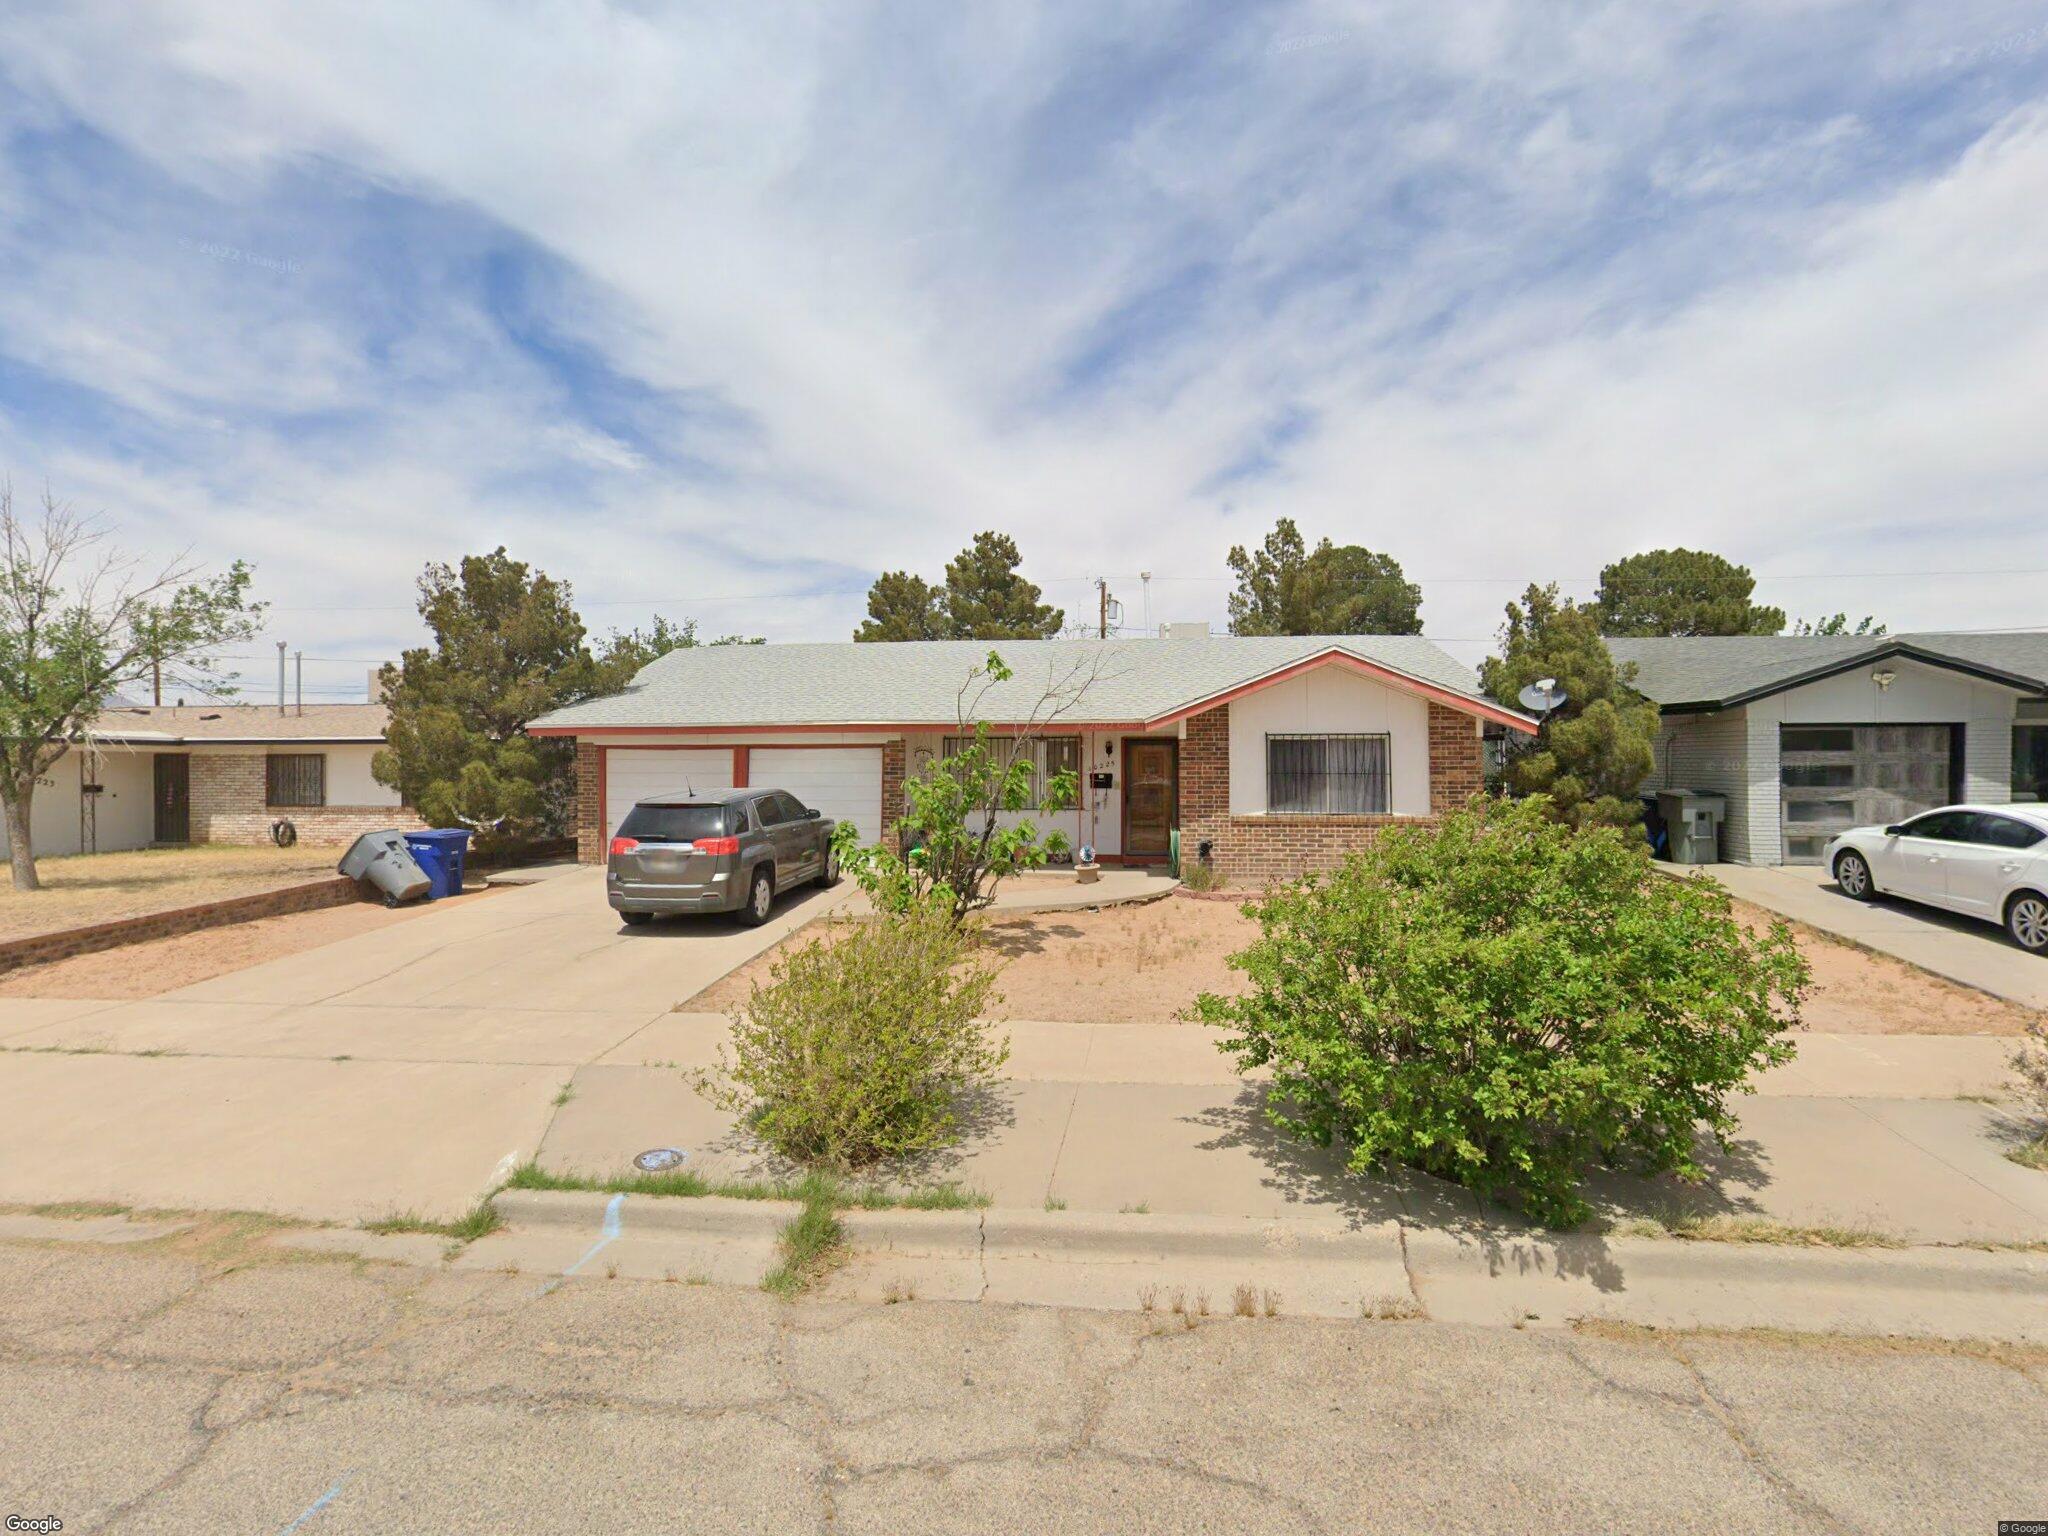 10225 Dunbarton Dr, El Paso, TX 79925 | Trulia